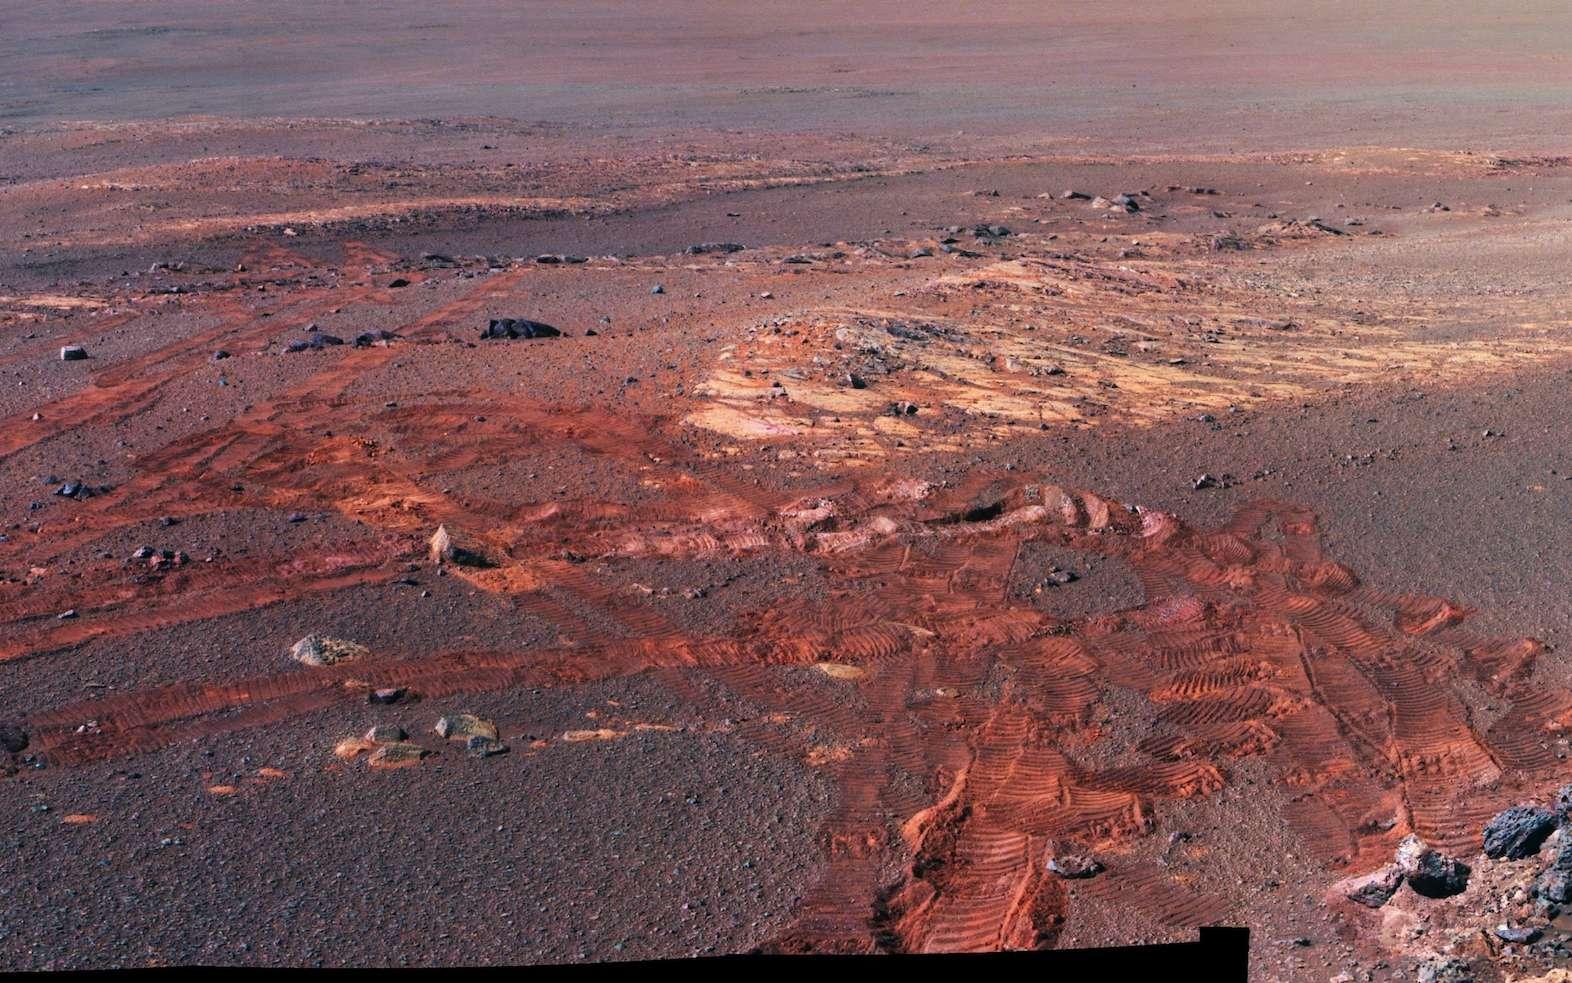 Extrait du panorama photographié par Opportunity entre le 13 mai et le 10 juin 2018. © Nasa, JPL-Caltech, Cornell, ASU